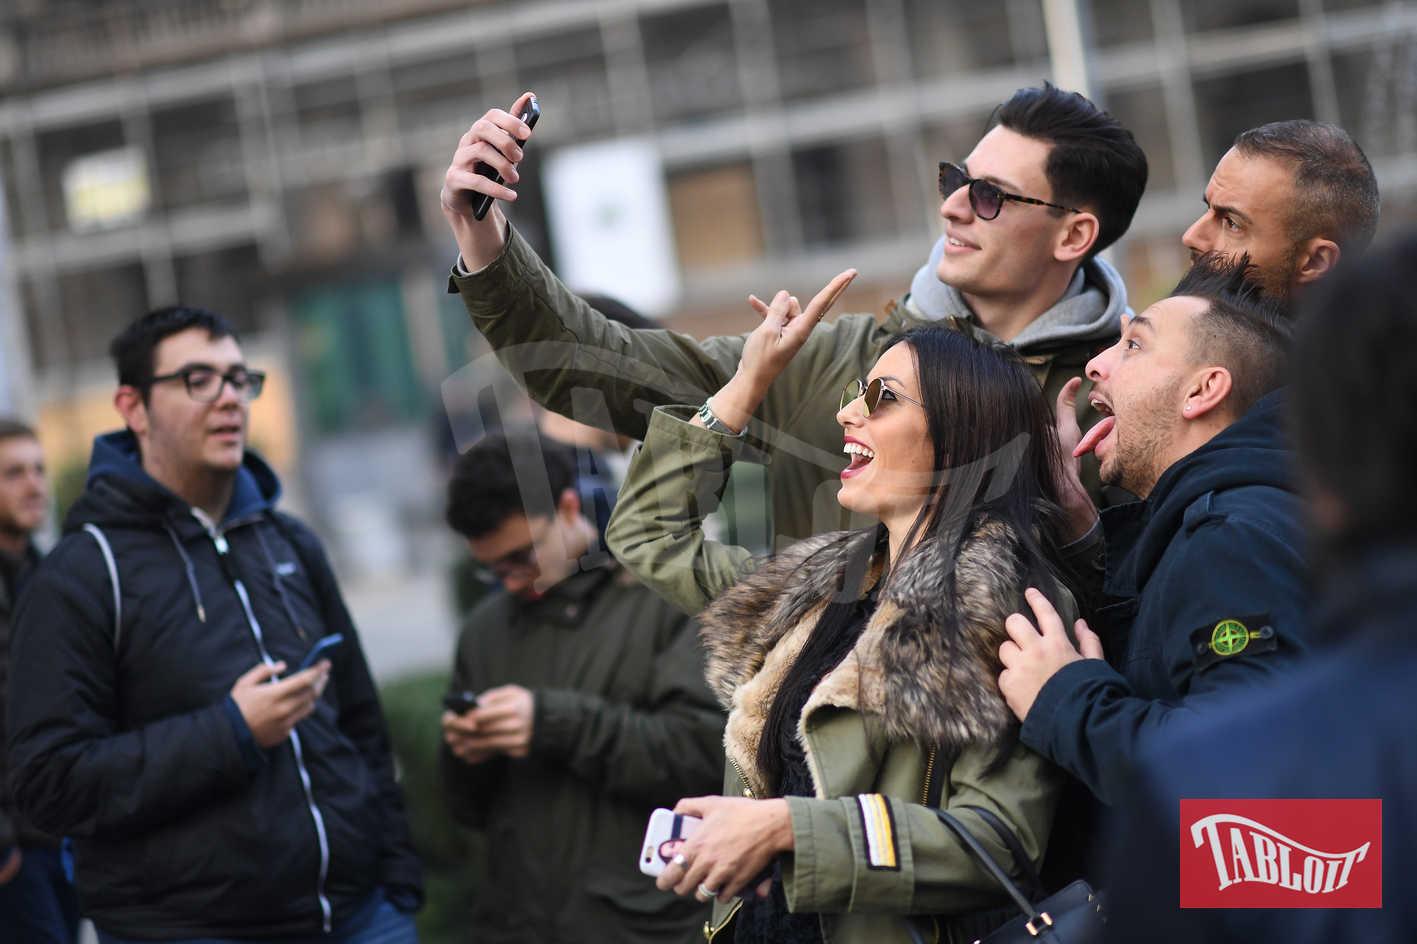 Elisabetta Gregoraci è la new entry del karaoke di 105 Take Away. I conduttori si divertono e interpretare (a modo loro) alcuni brani celebri